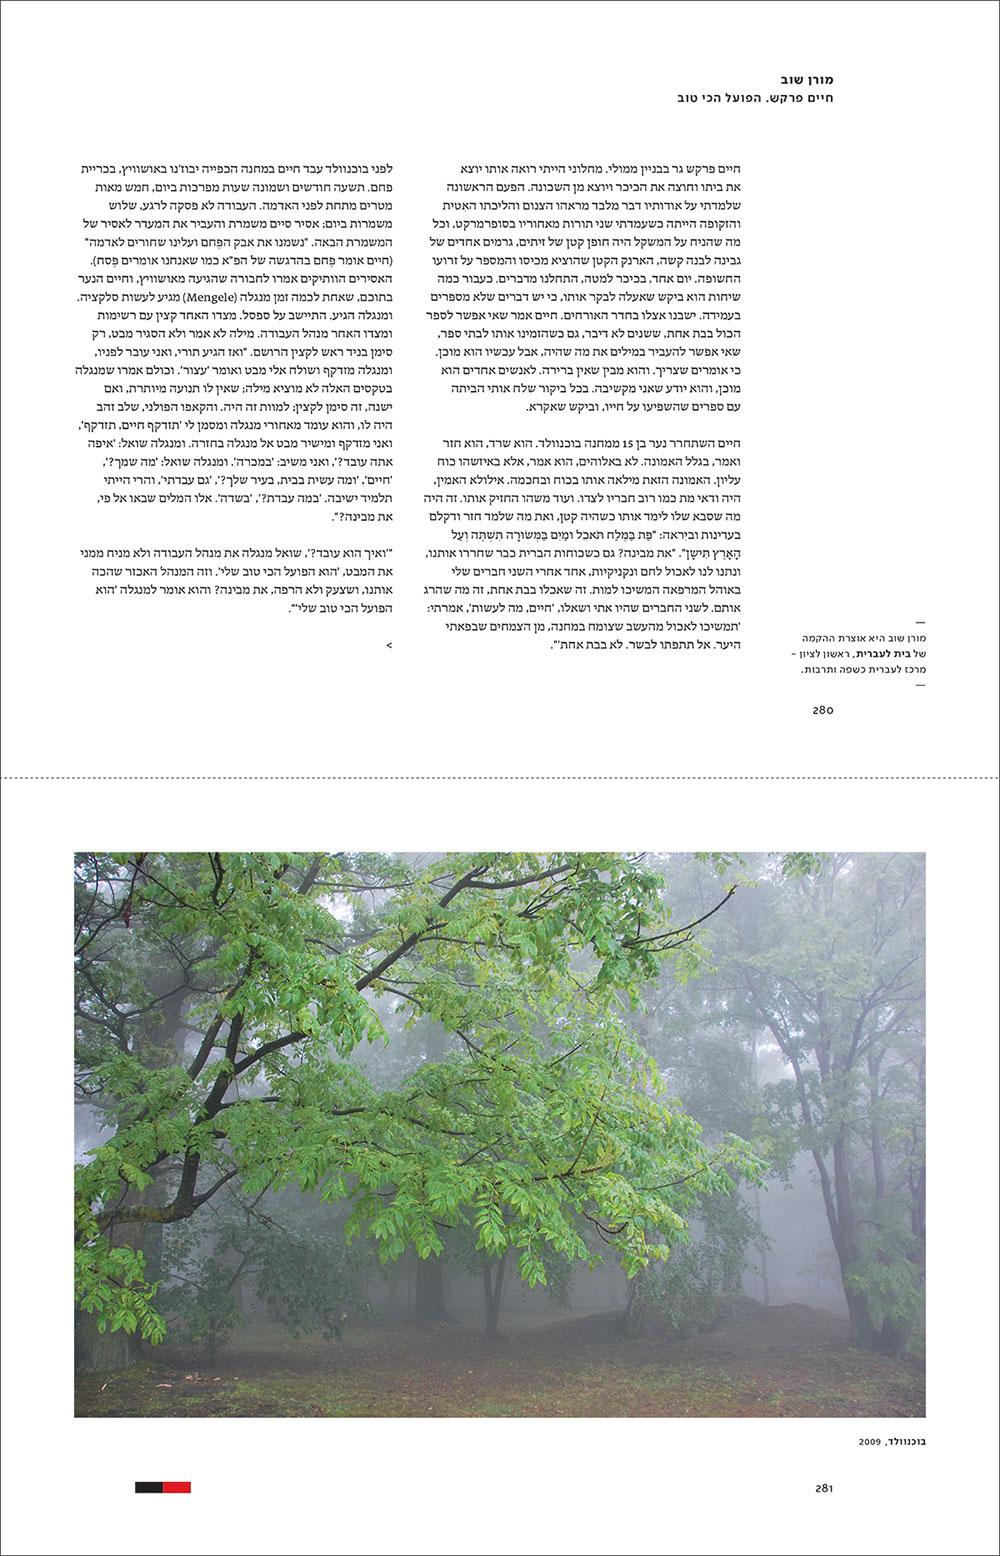 פנטומים, דנה אריאלי, עמודים 280-281